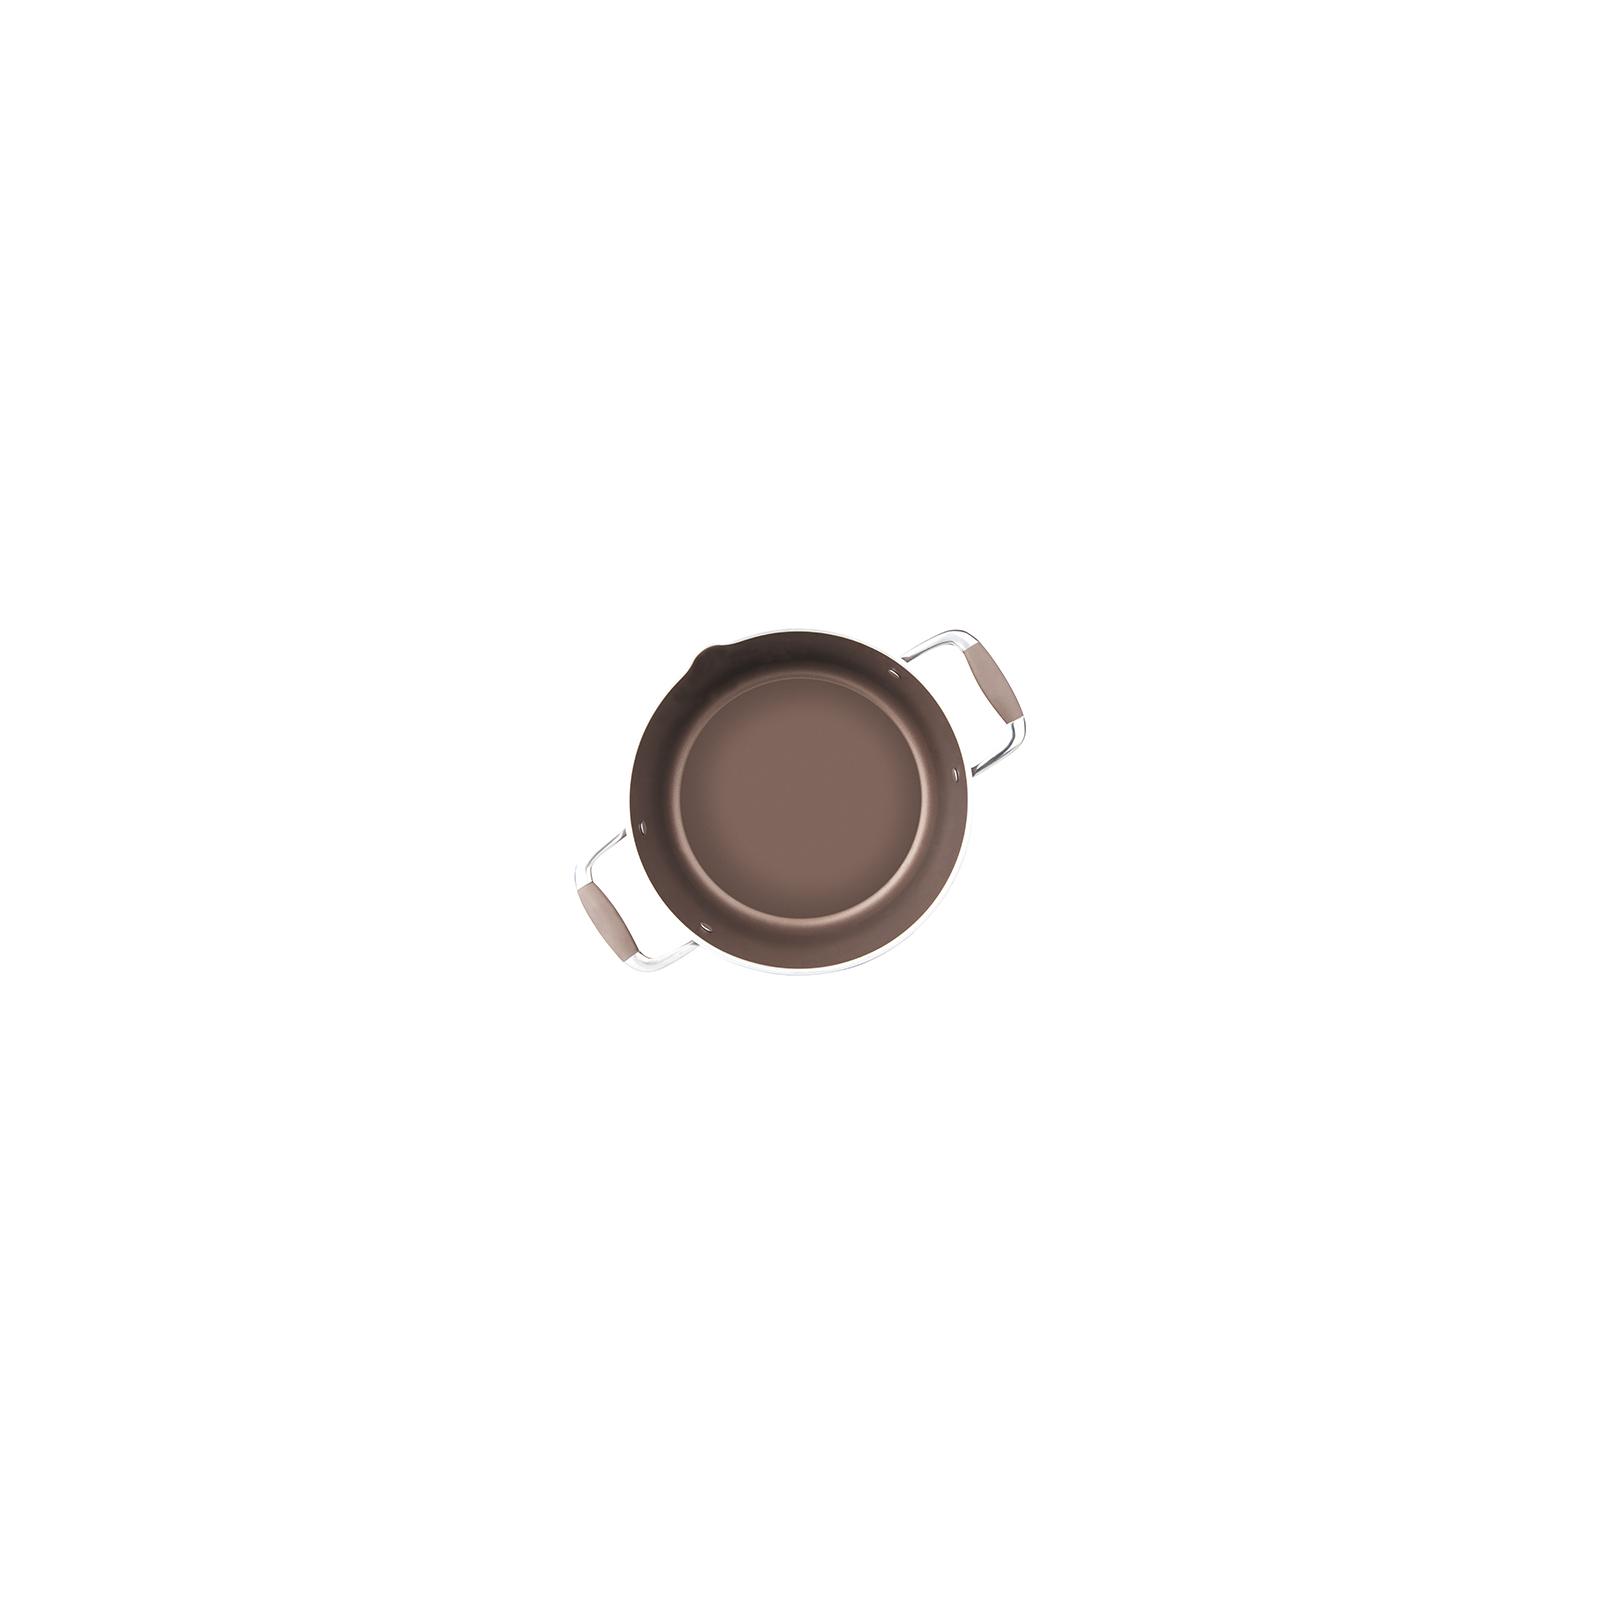 Кастрюля Rondell Mocaccino 3.2 л (RDA-554) изображение 3